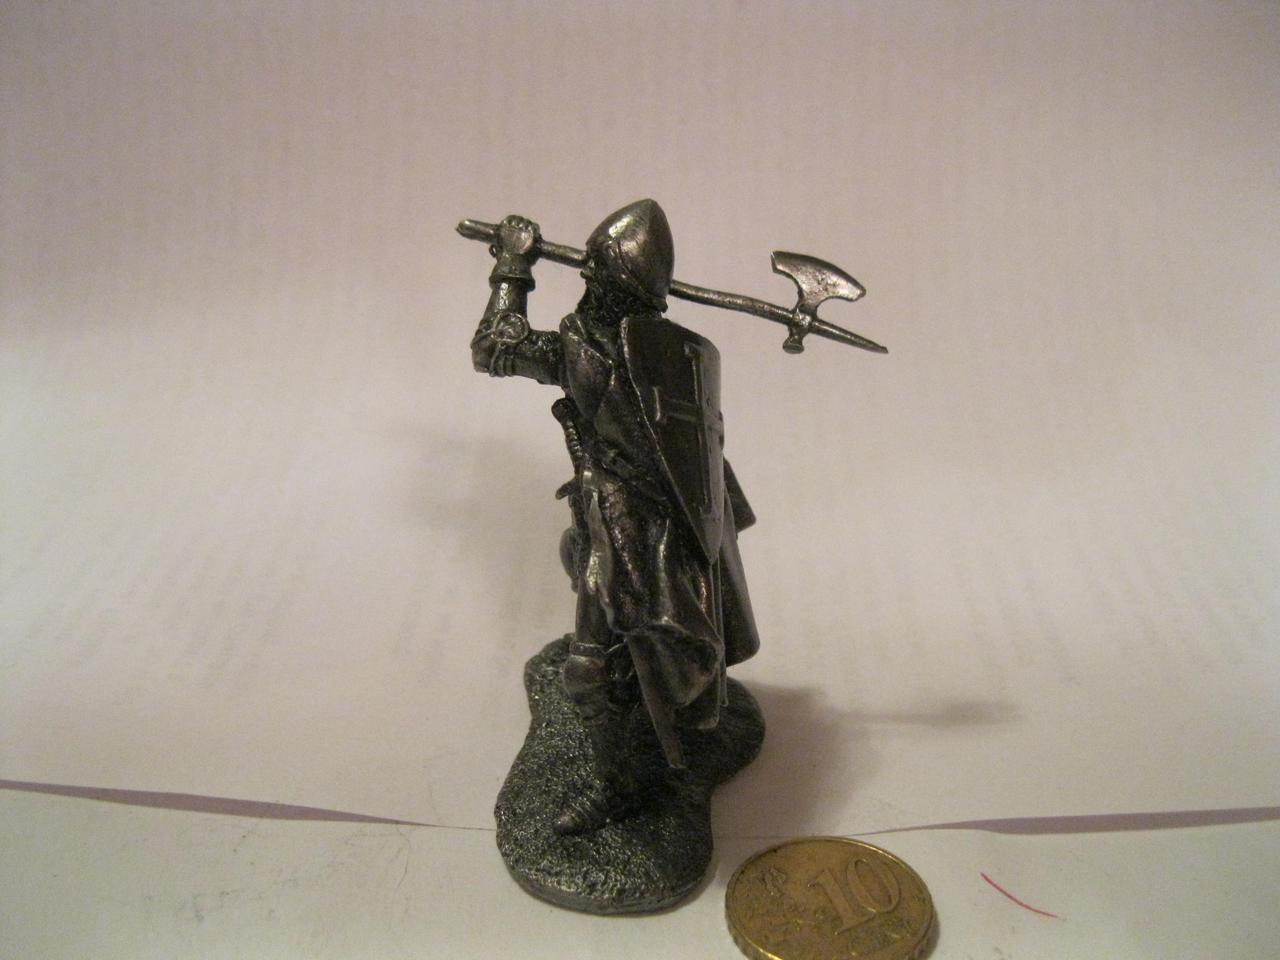 Статуэтка фигурка статуэтка сплав олова рыцарь ВОИН в доспехах с топором